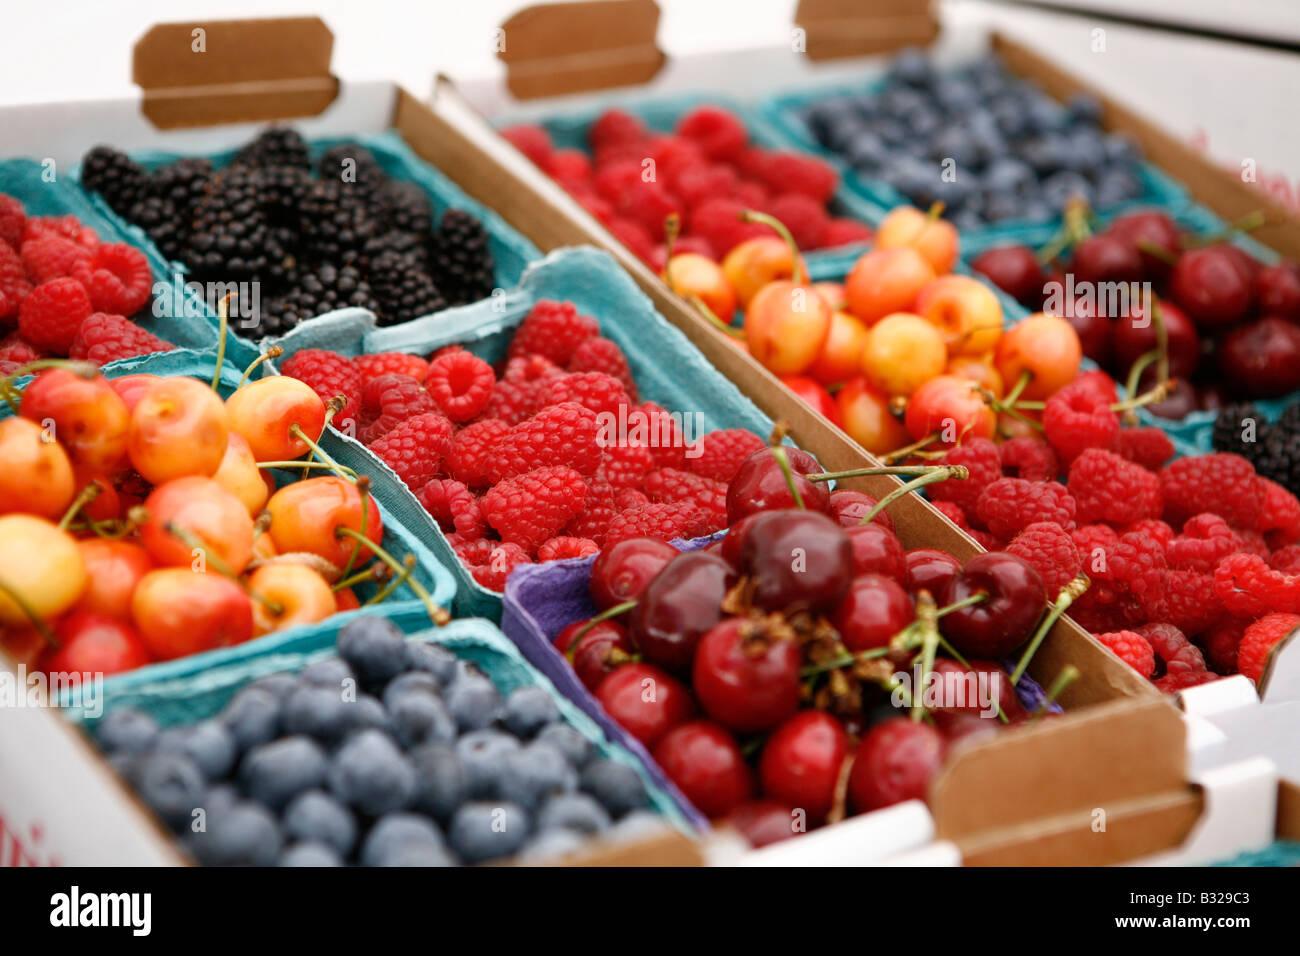 Cassa di frutti di bosco e le ciliegie sul display al mercato Immagini Stock